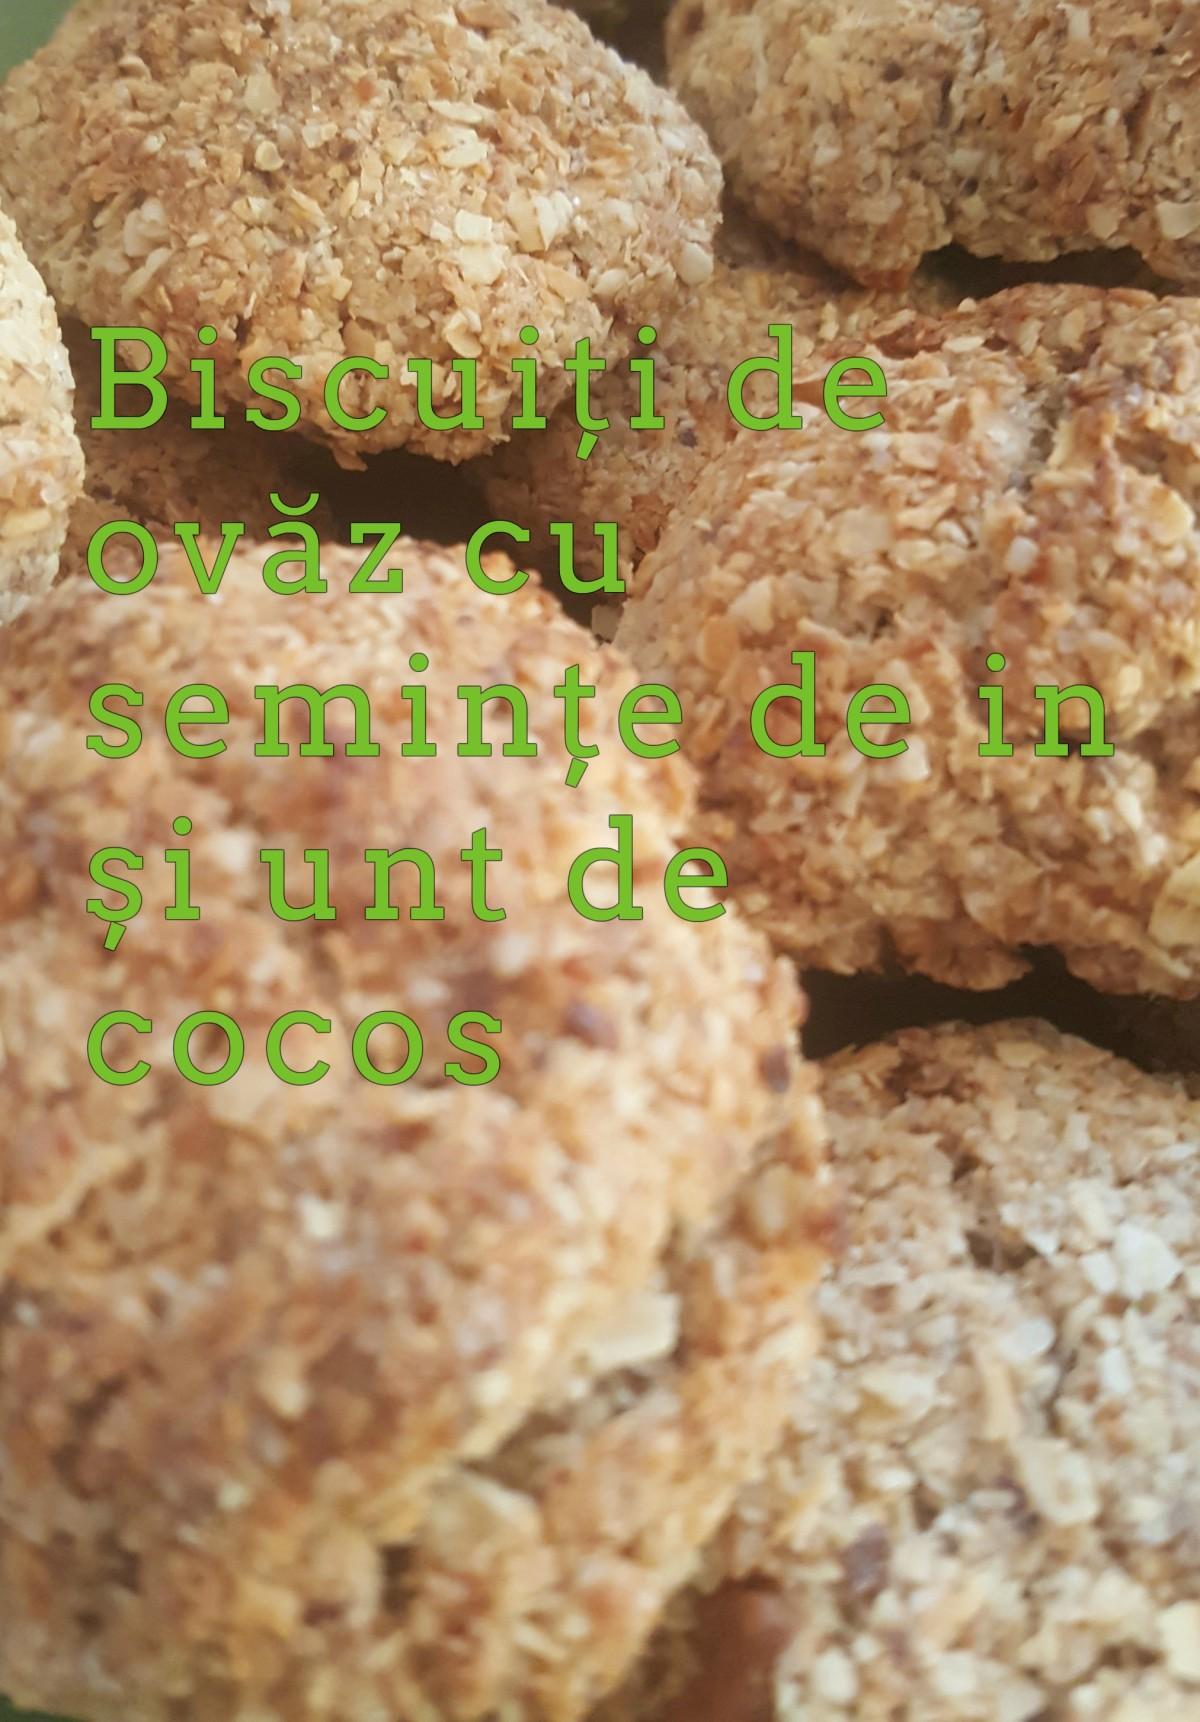 Biscuiți de ovăz cu semințe de in și unt decocos